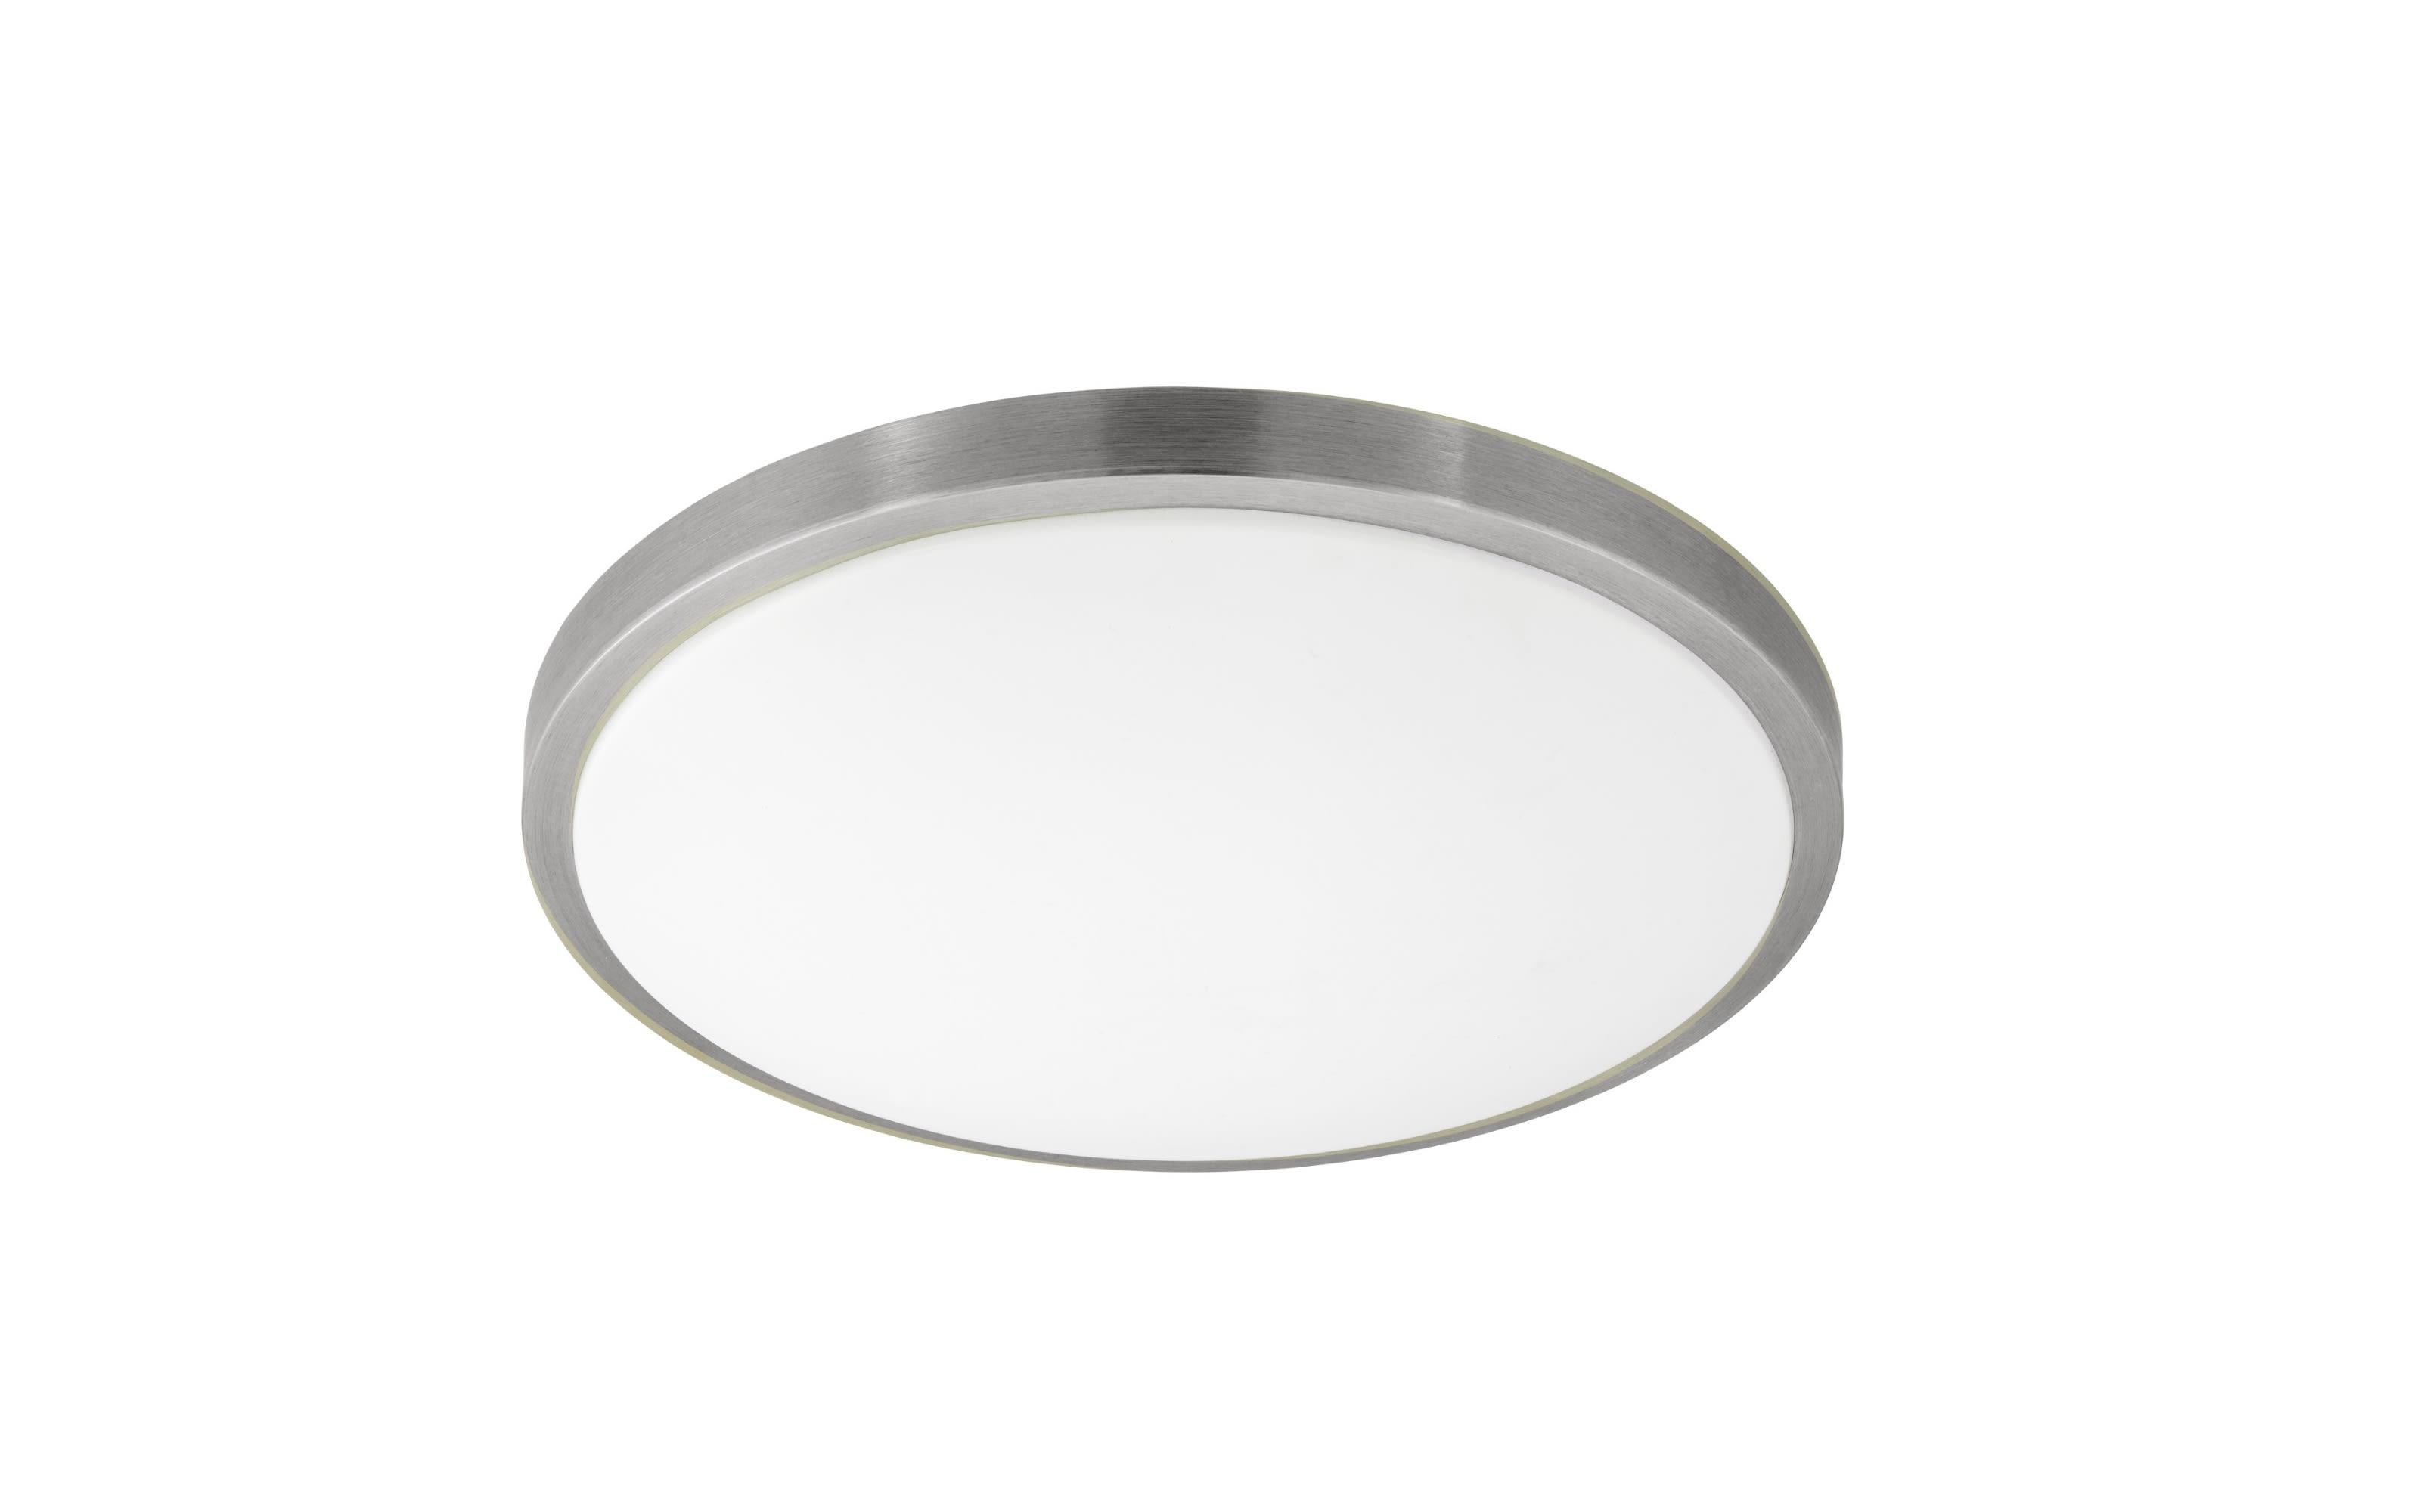 LED-Deckenleuchte Competa 1 in nickel matt, 43 cm